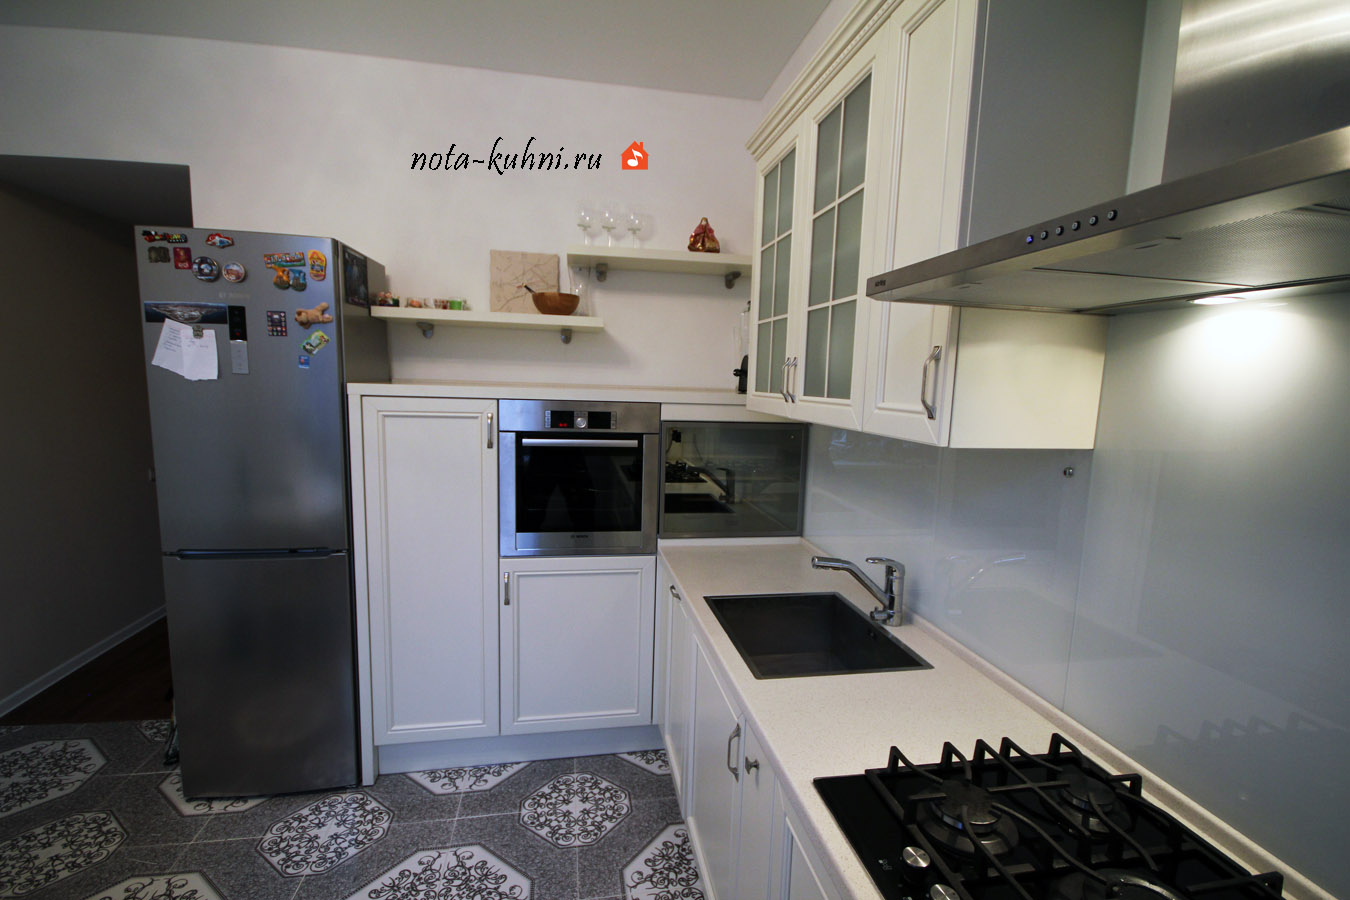 Кухни на заказ дерево Москва